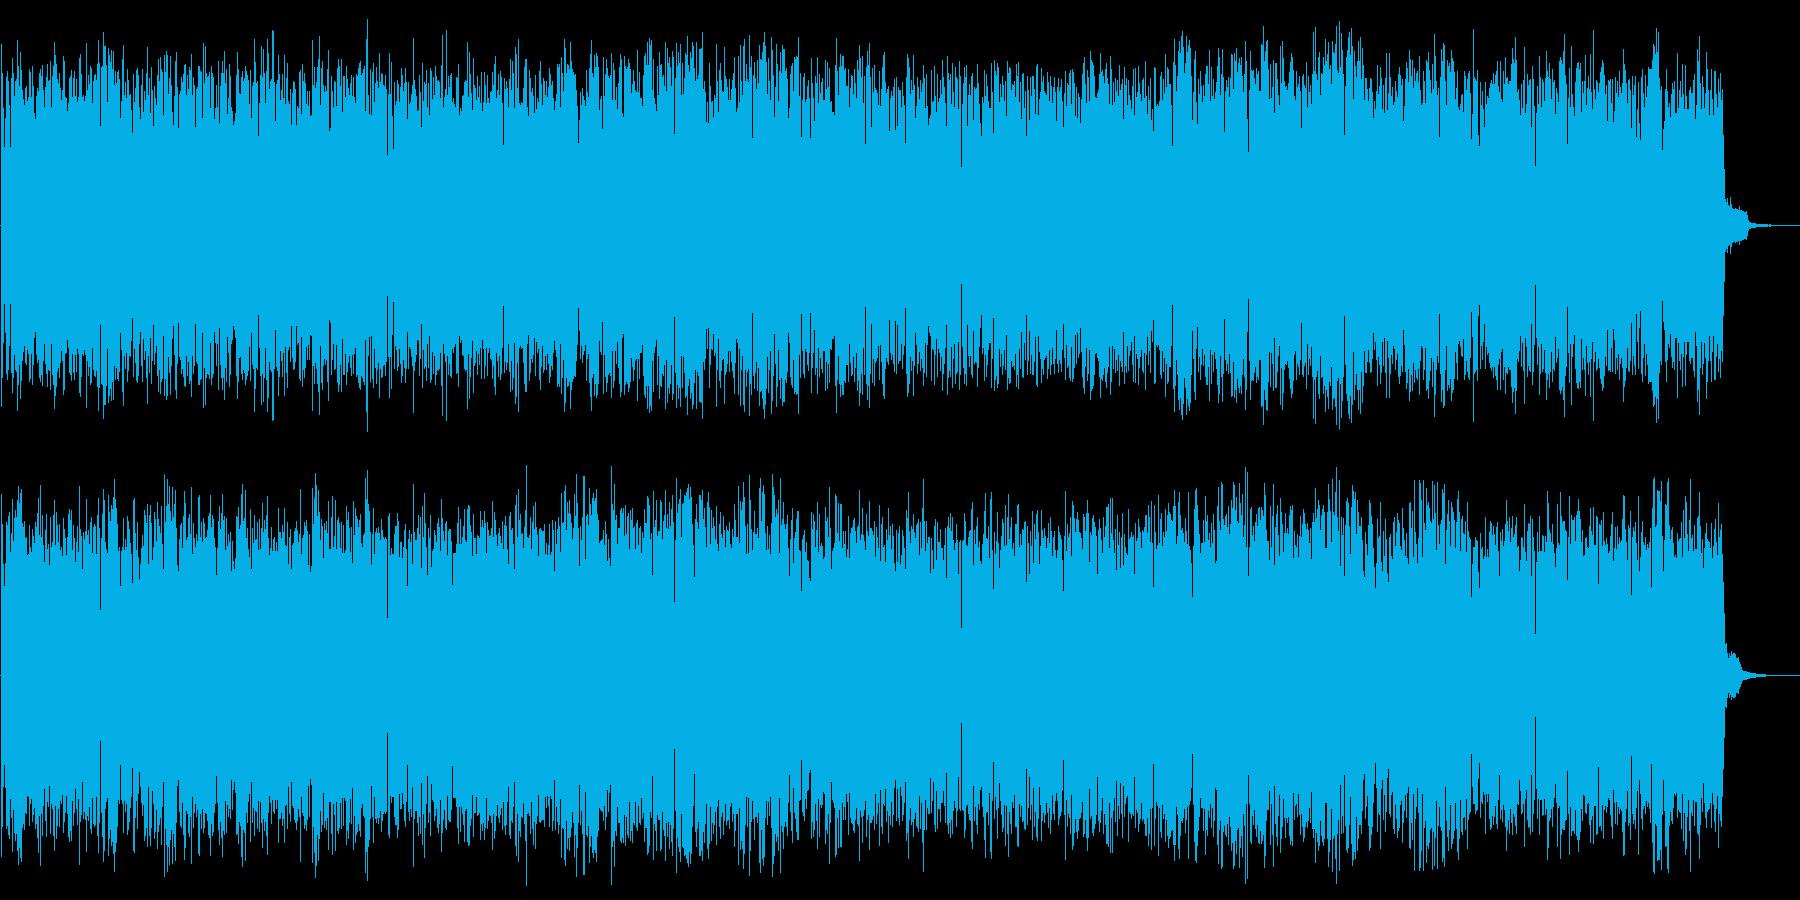 コンピューターのピコピコ ピポ ノイズの再生済みの波形